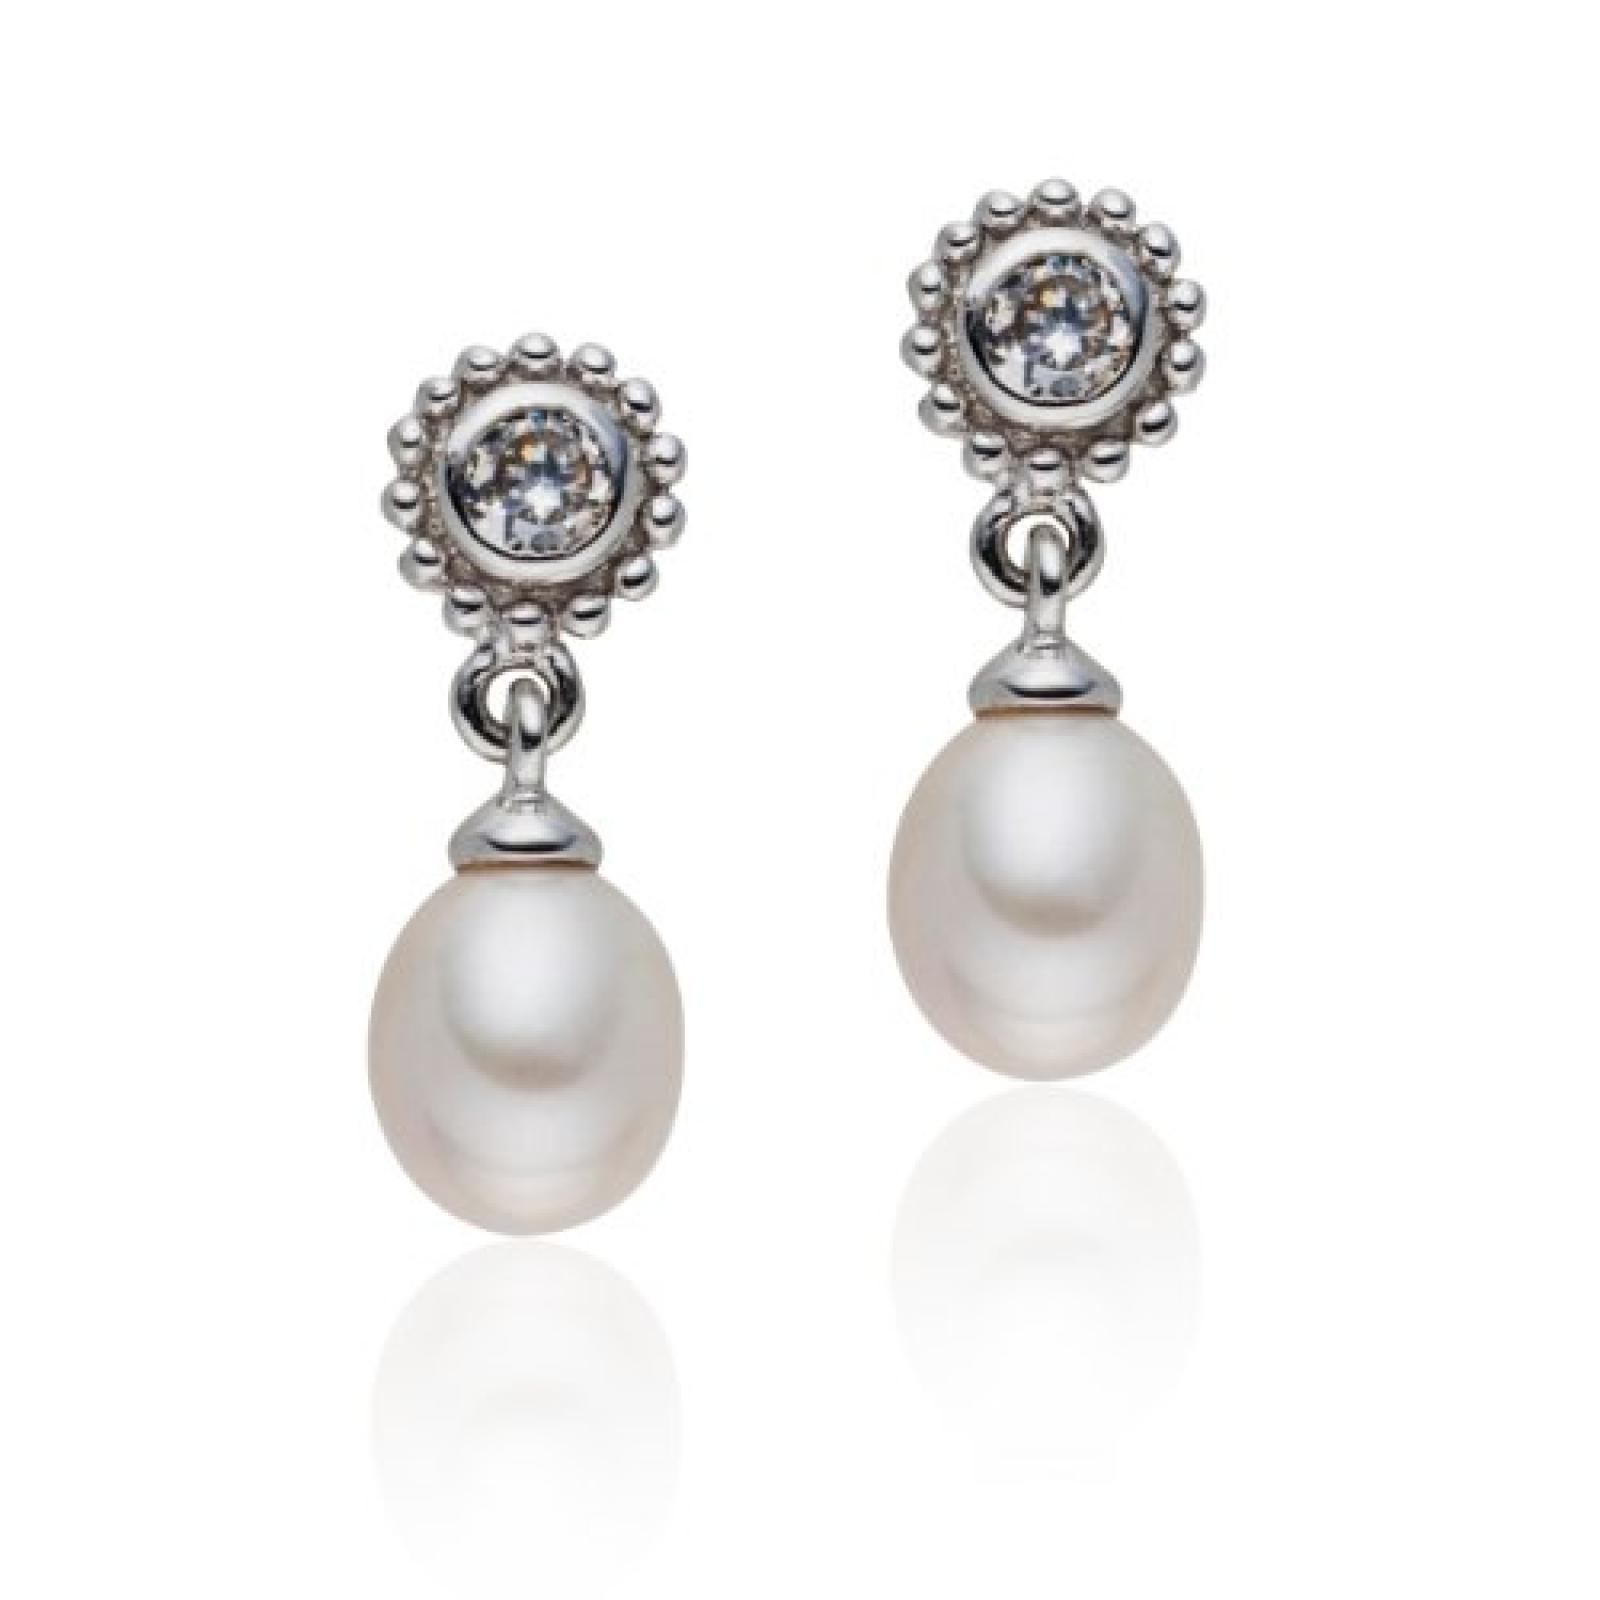 Valero Pearls Silver Collection Damen-Ohrstecker Hochwertige Süßwasser-Zuchtperlen in ca.  6-7 mmOval weiß 925 Sterling Silber   Zirkonia weiß    60840028